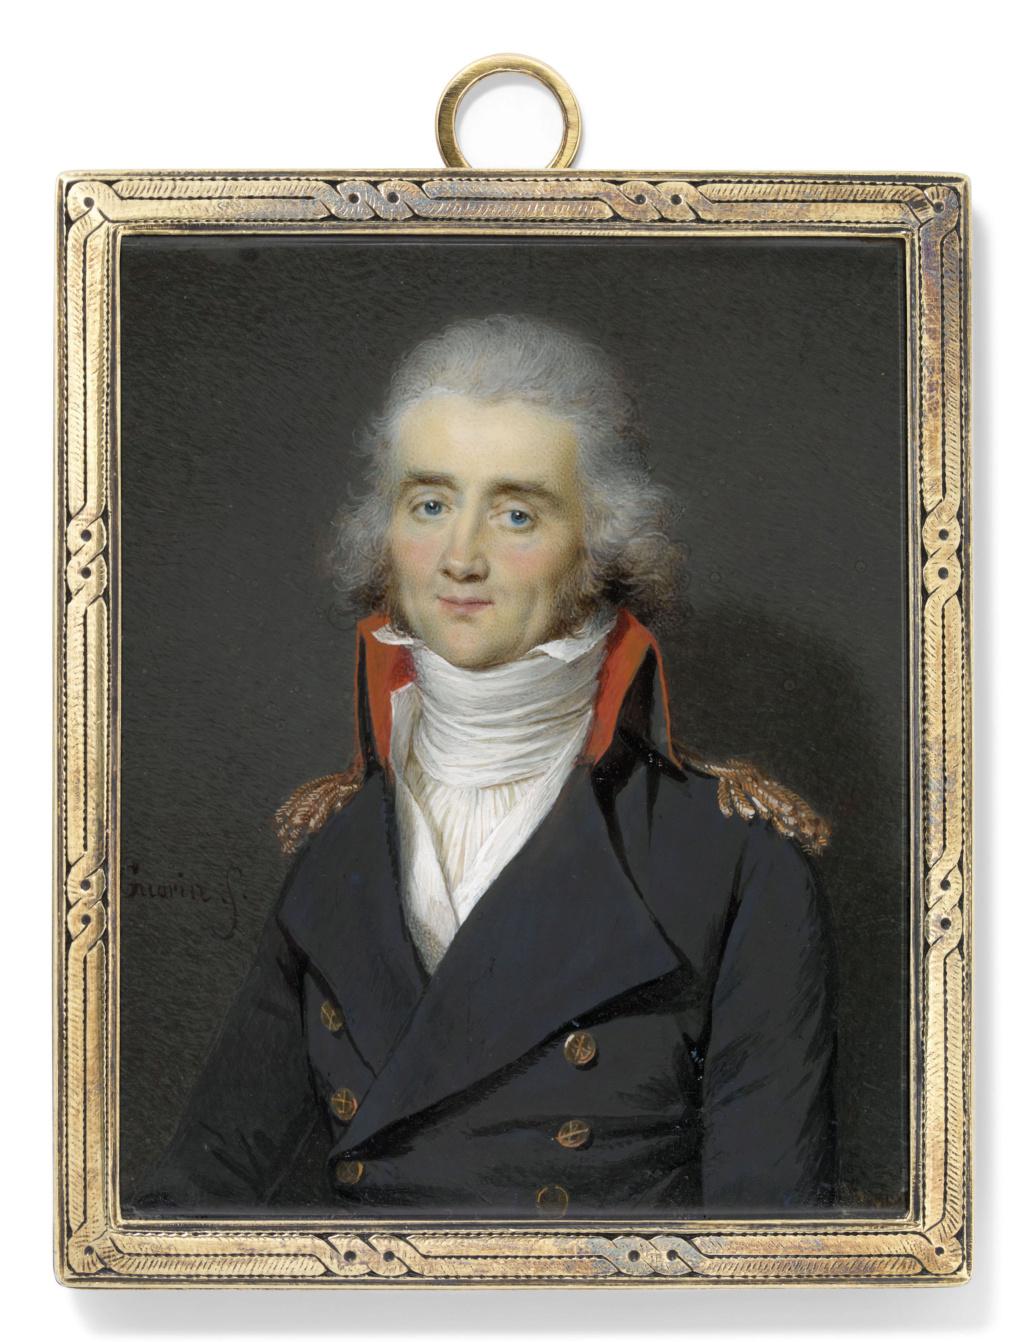 Louis Alexandre d' Allois d' Herculais Portra10